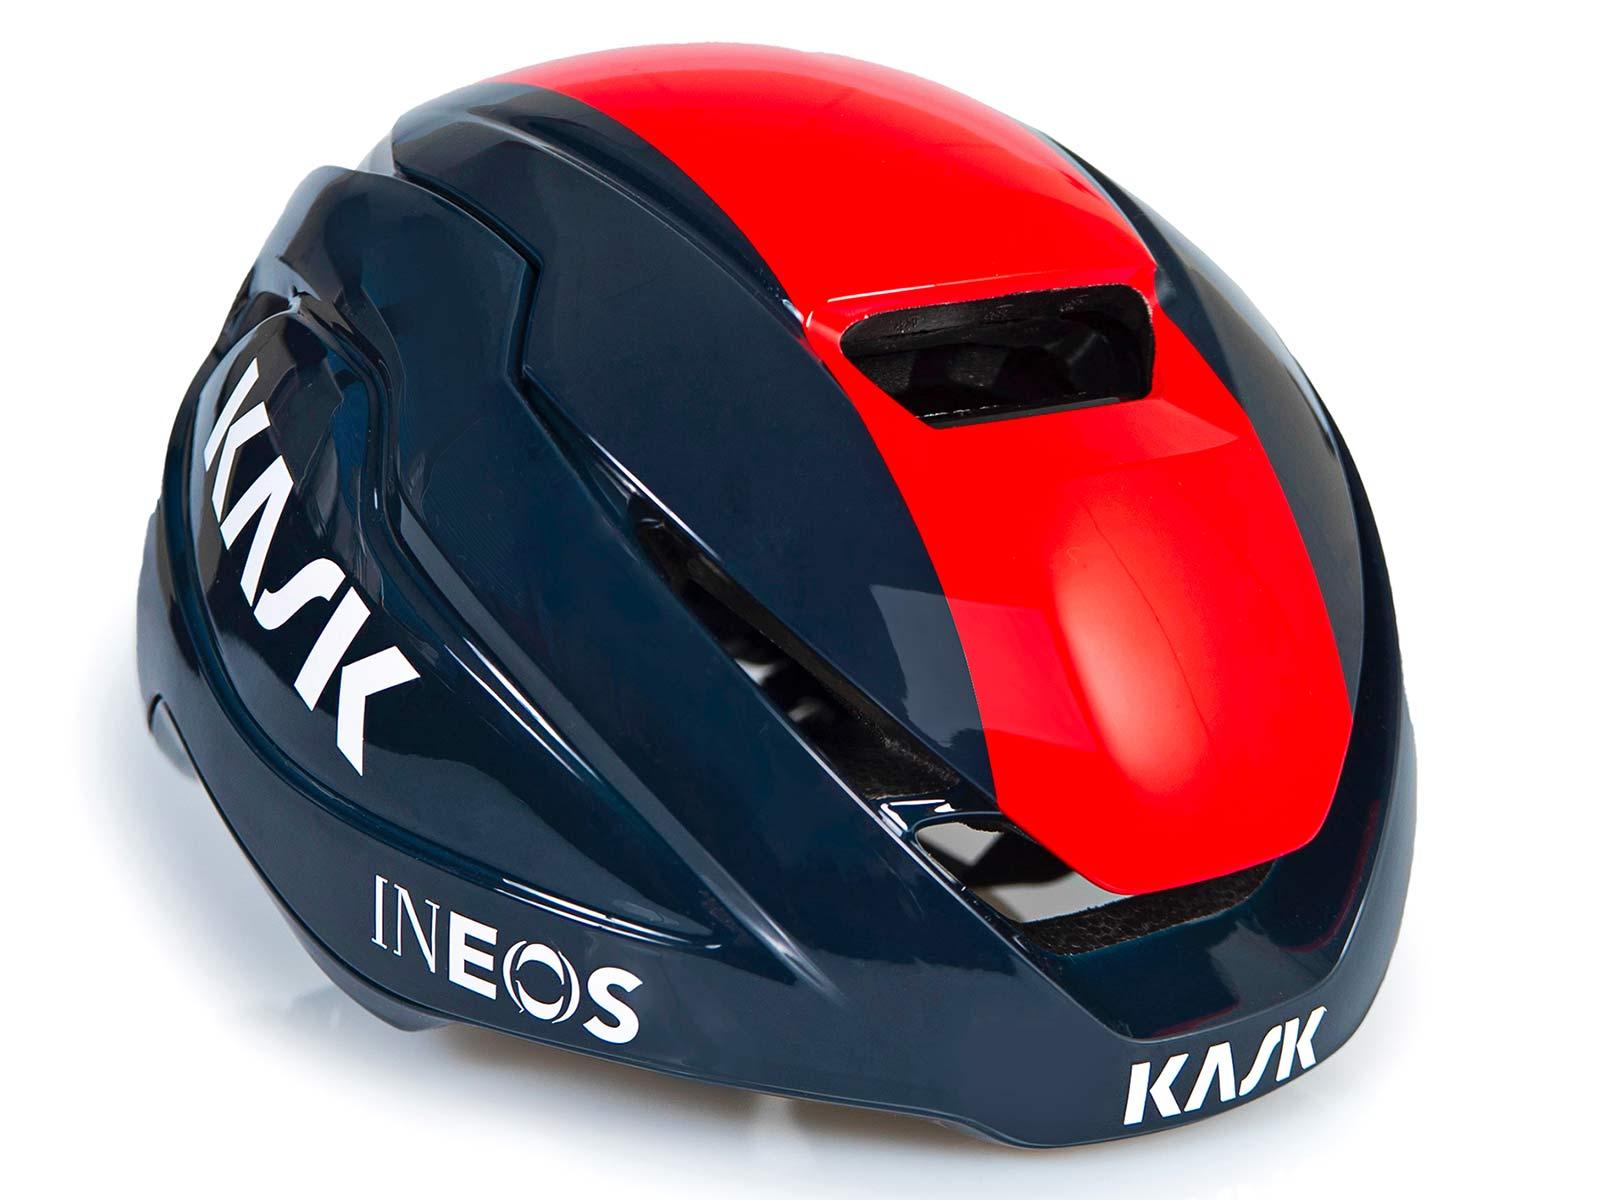 Kask Wasabi aero road helmet, adjustable venting aerodynamics merino padding, angled